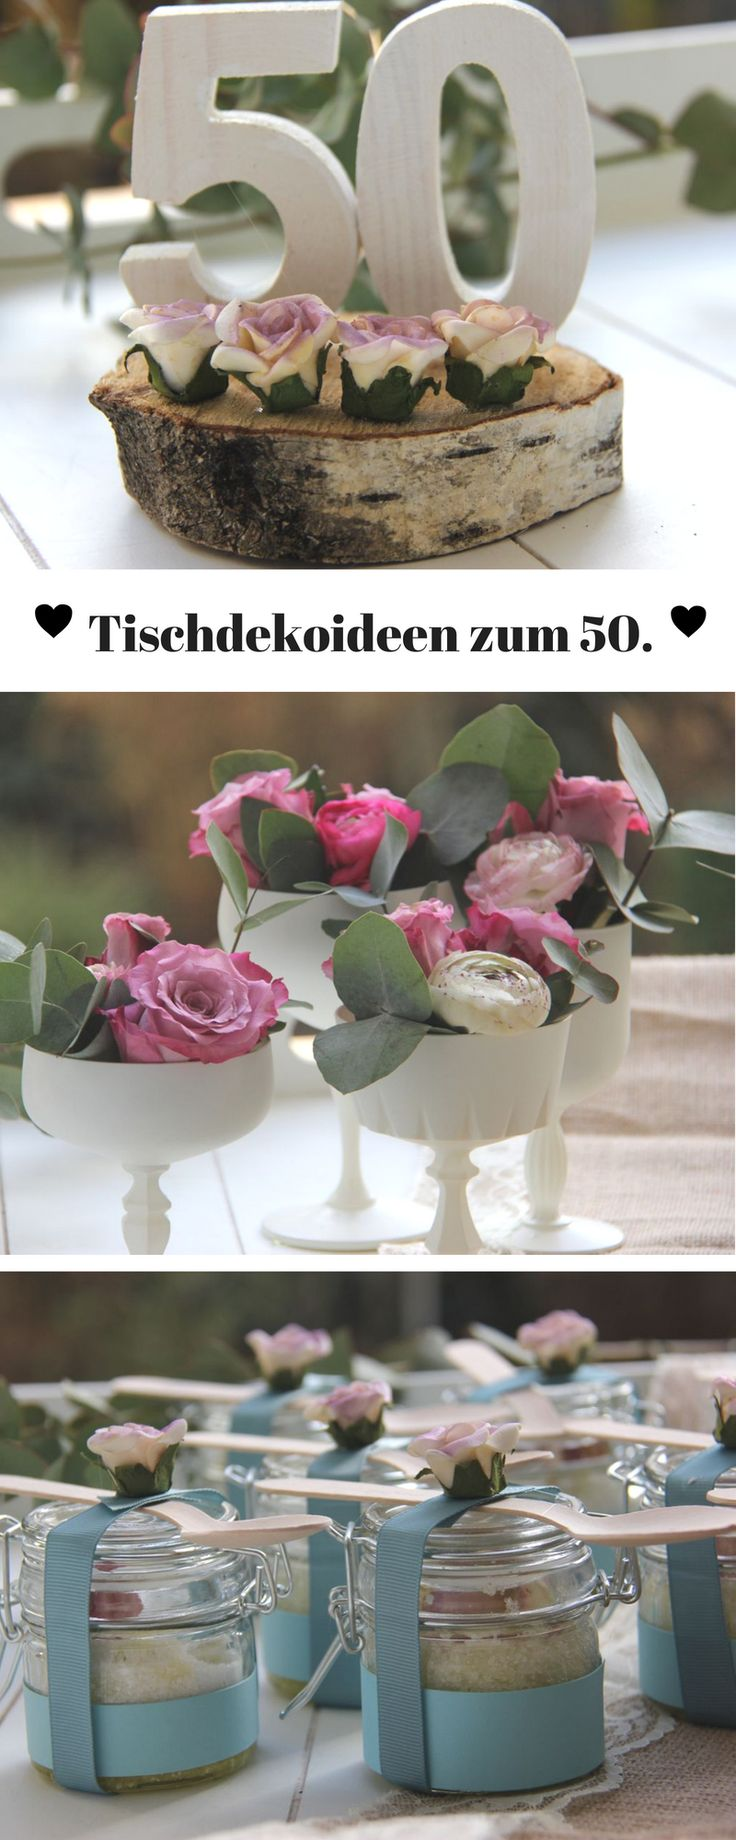 Vintage Tischdekoration zum 50. Geburtstag  Vintage